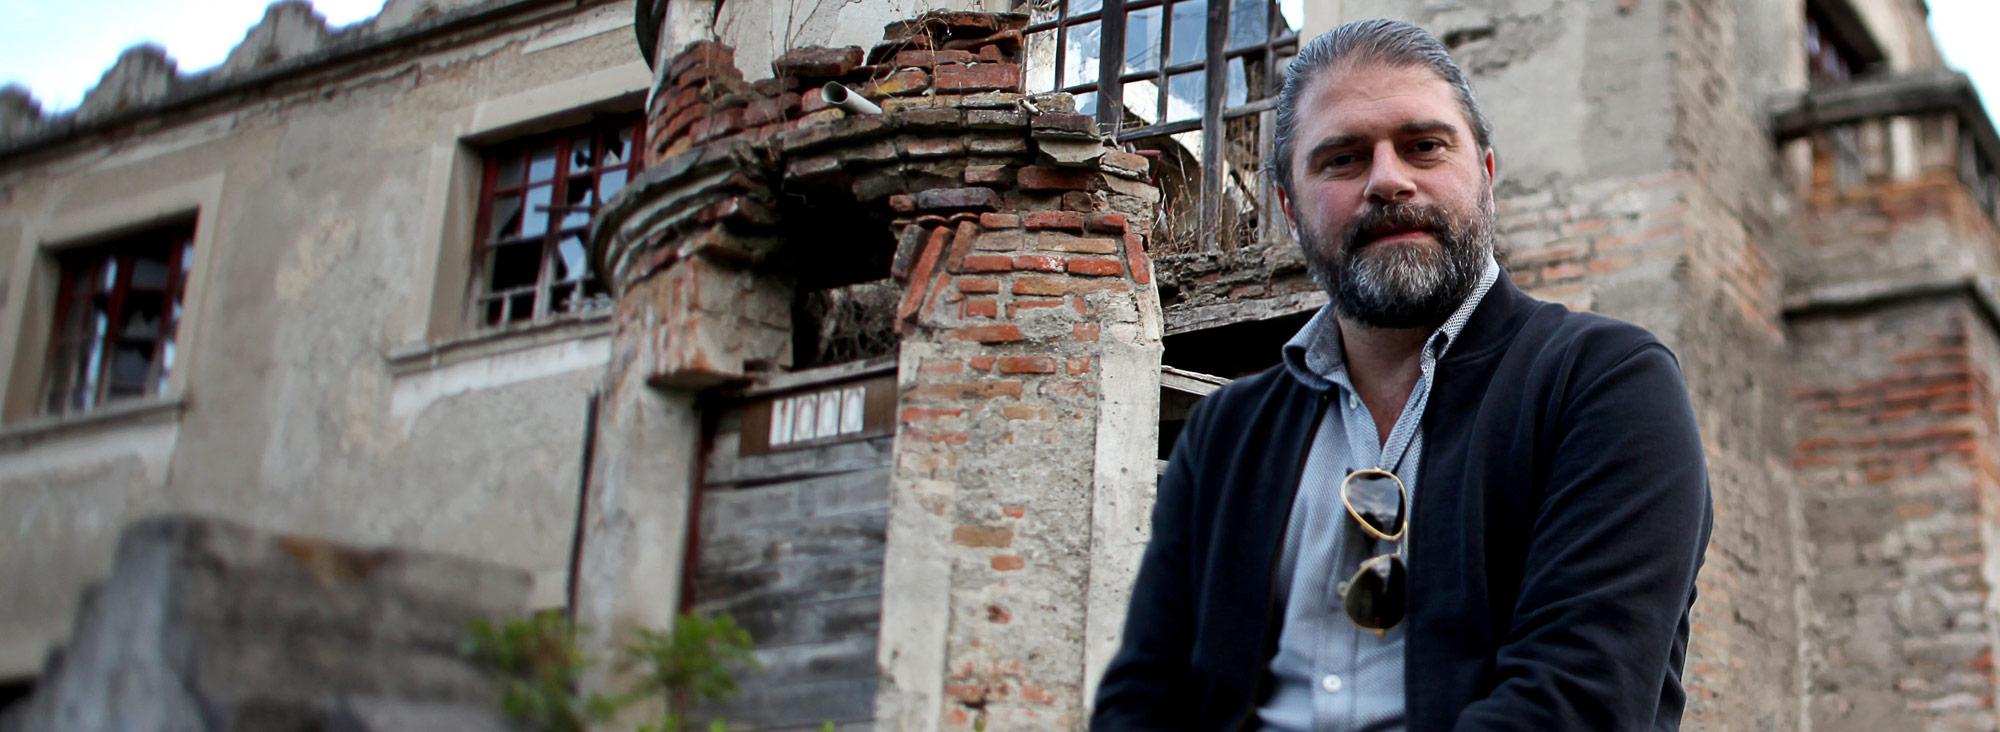 El cineasta ecuatoriano Sebastián Cordero recibe invitación para formar parte de la Academia Cinematográfica de Hollywood